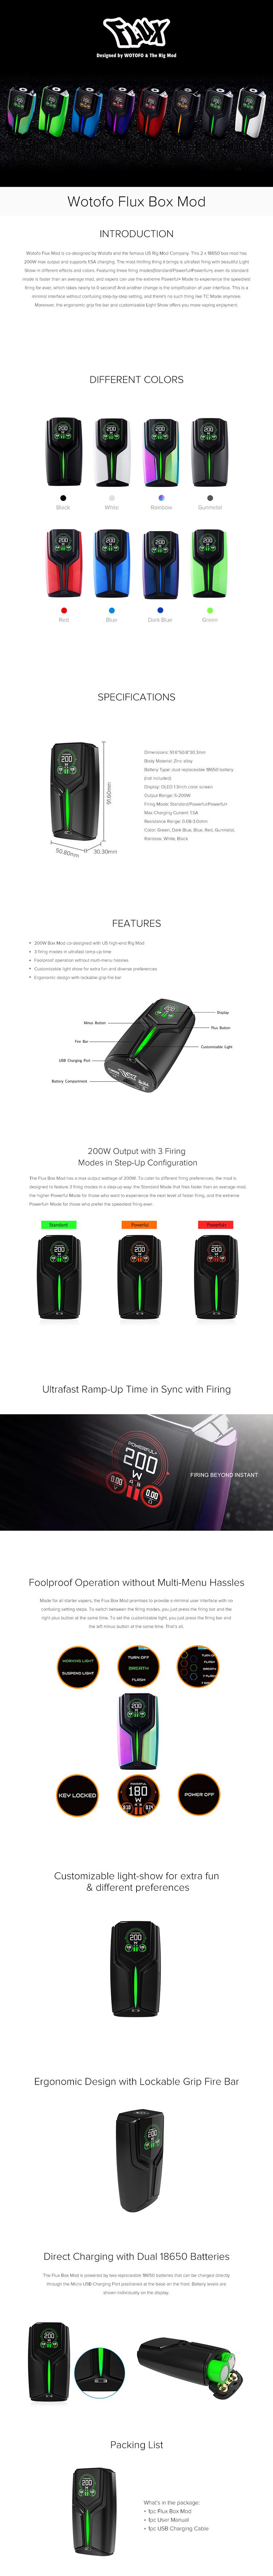 Wotofo Flux Box Mod 200W